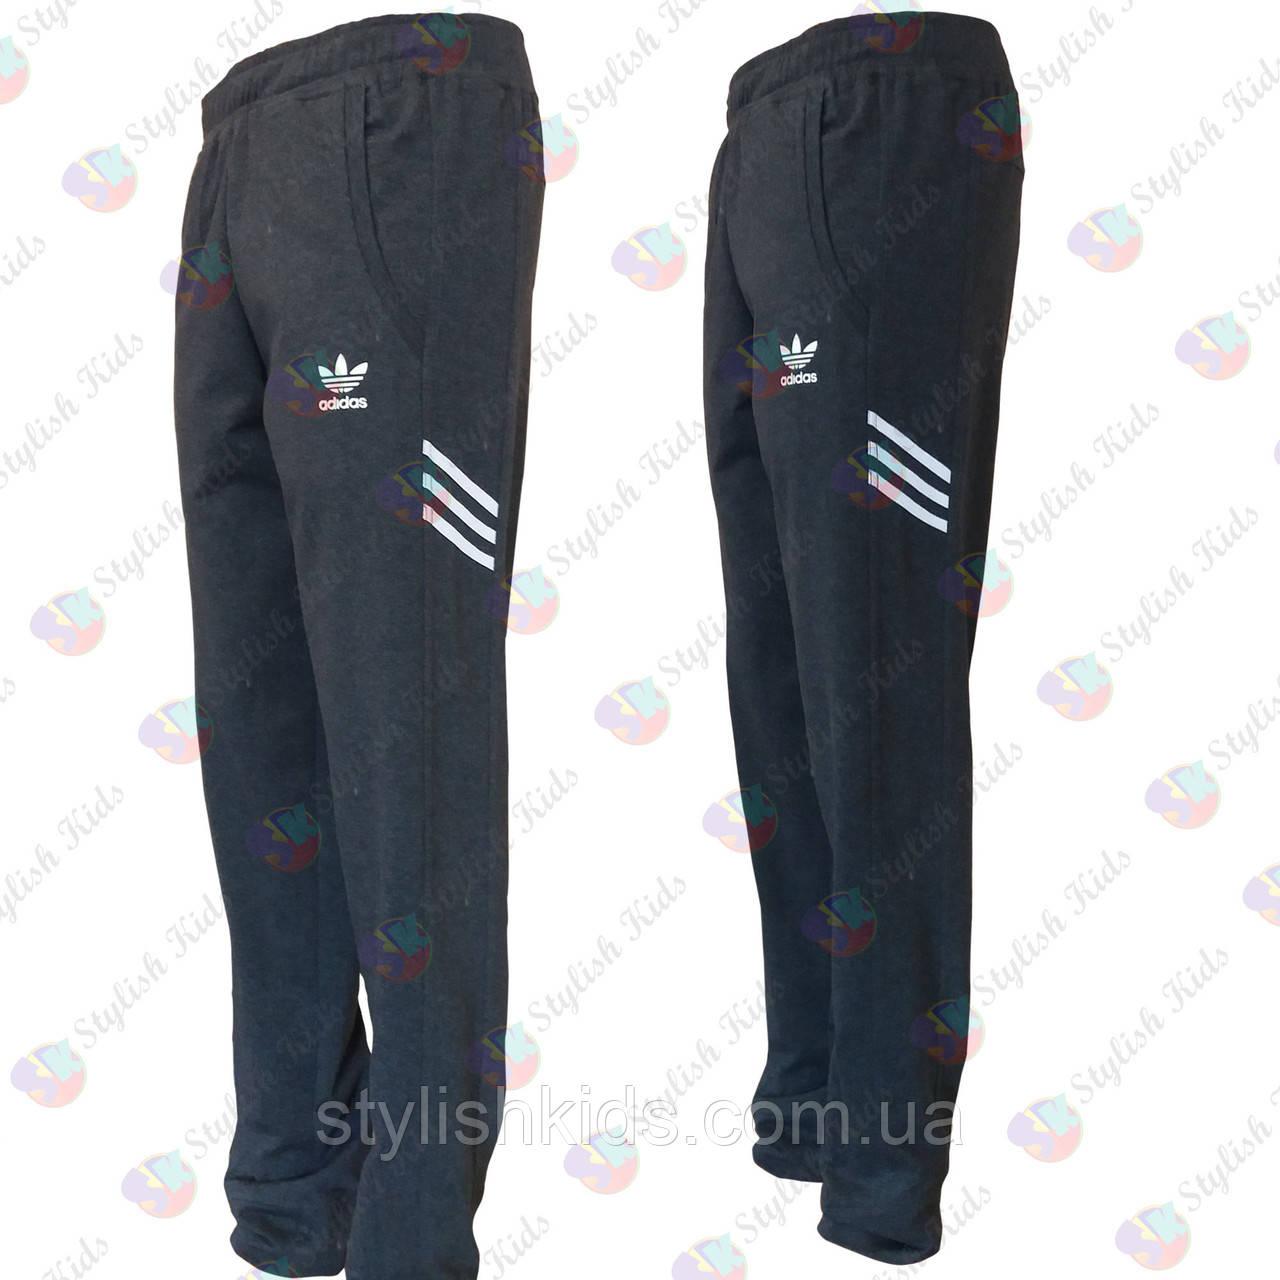 4658a18a Купить спортивные штаны adidas на подростка. Спортивные брюки на мальчика  8-16 лет купить